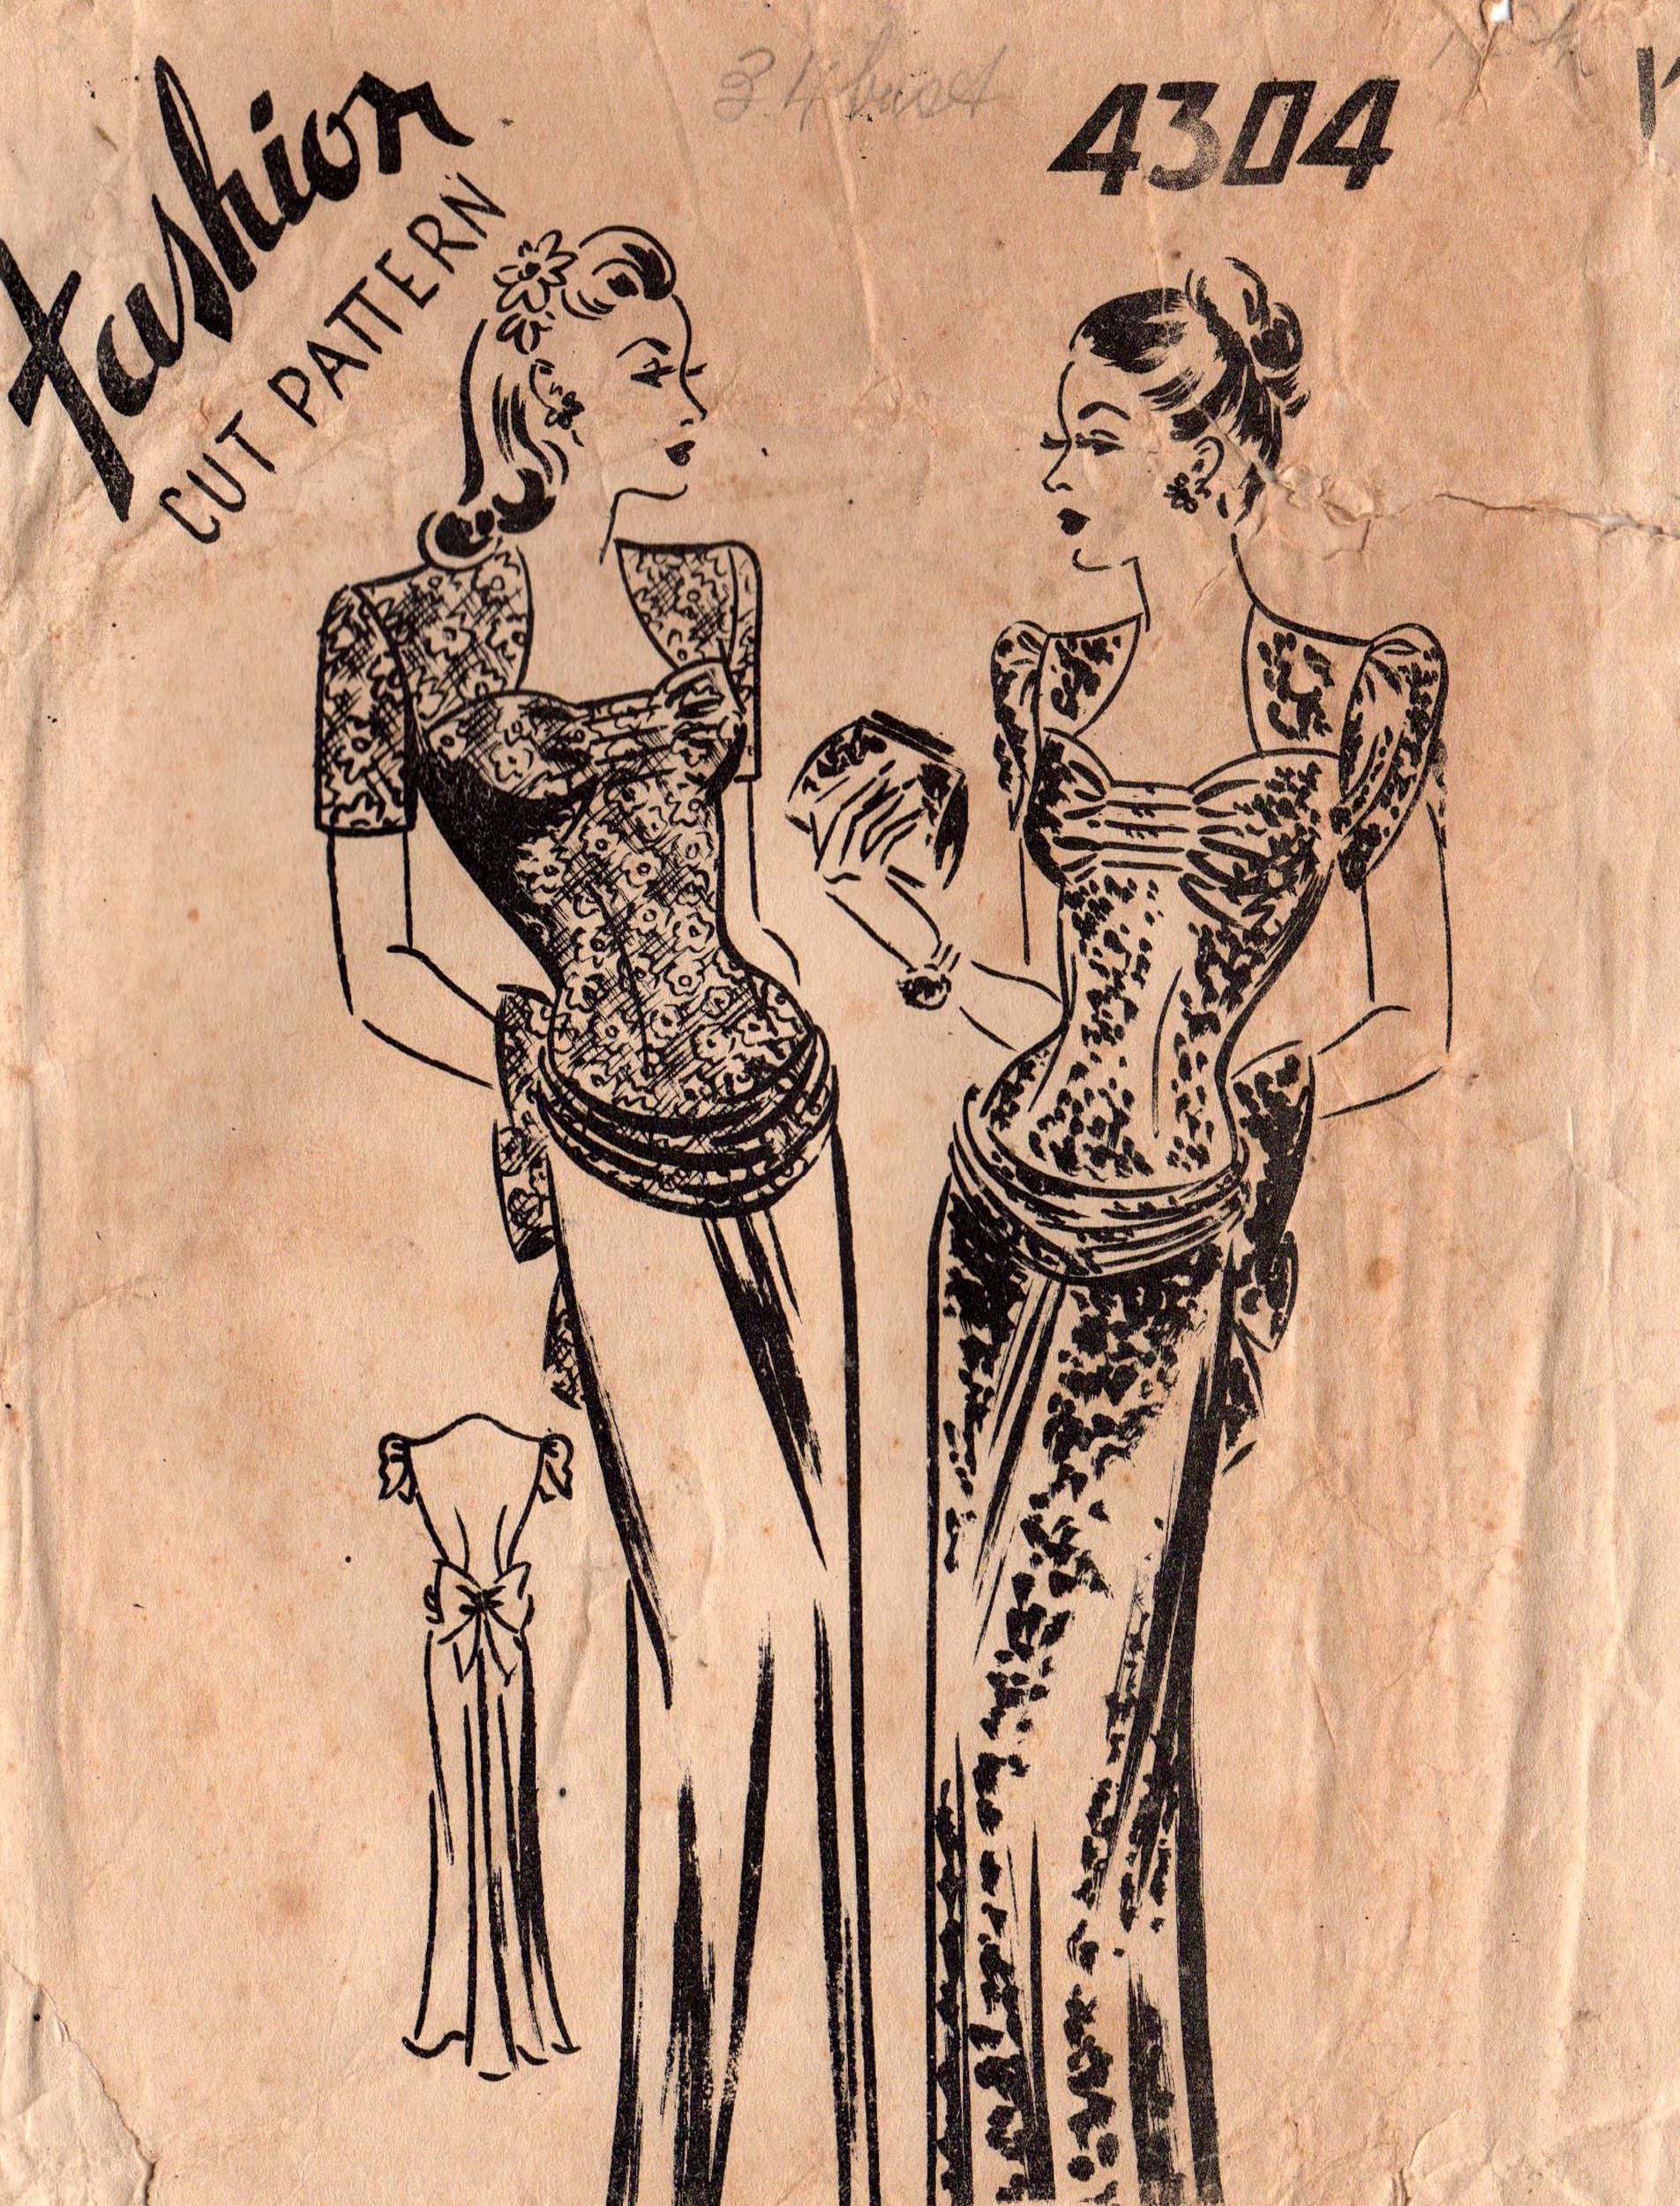 Fashion 4304